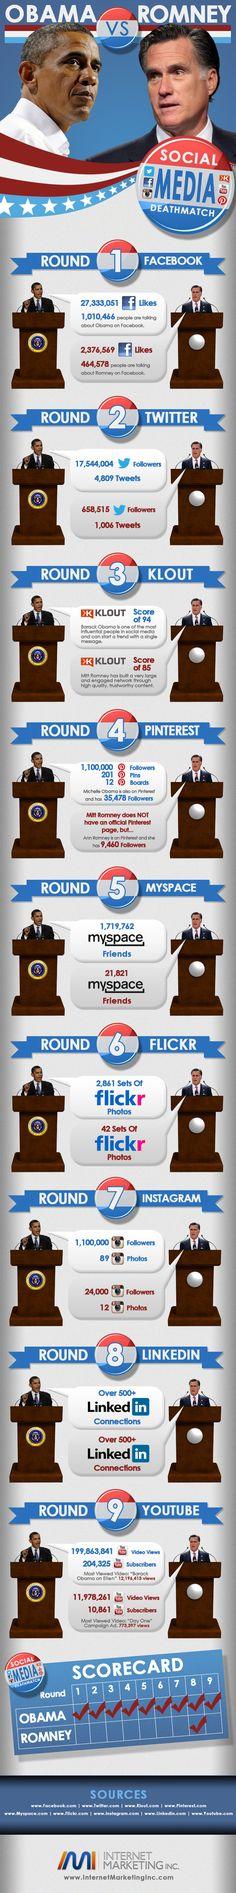 Situación de los candidatos a las elecciones presidenciales 2012 en las diferentes redes utilizadas, tres meses antes del resultado definitivo.